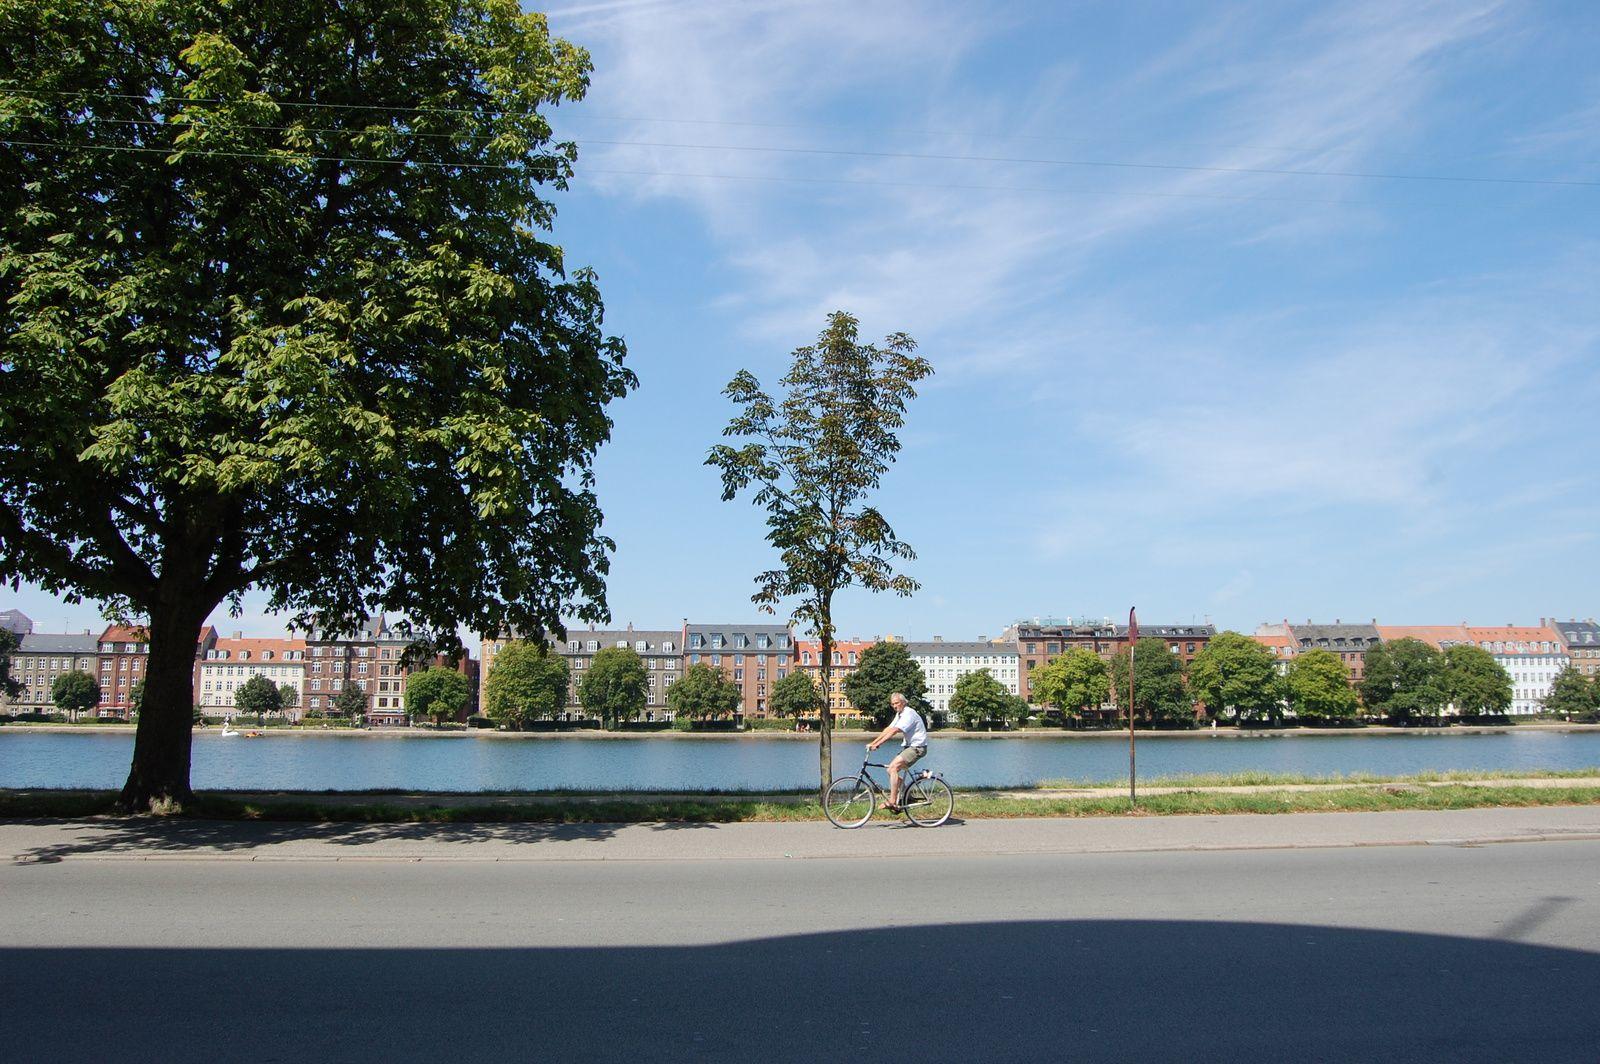 Vacances nordiques #2 COPENHAGUE♥